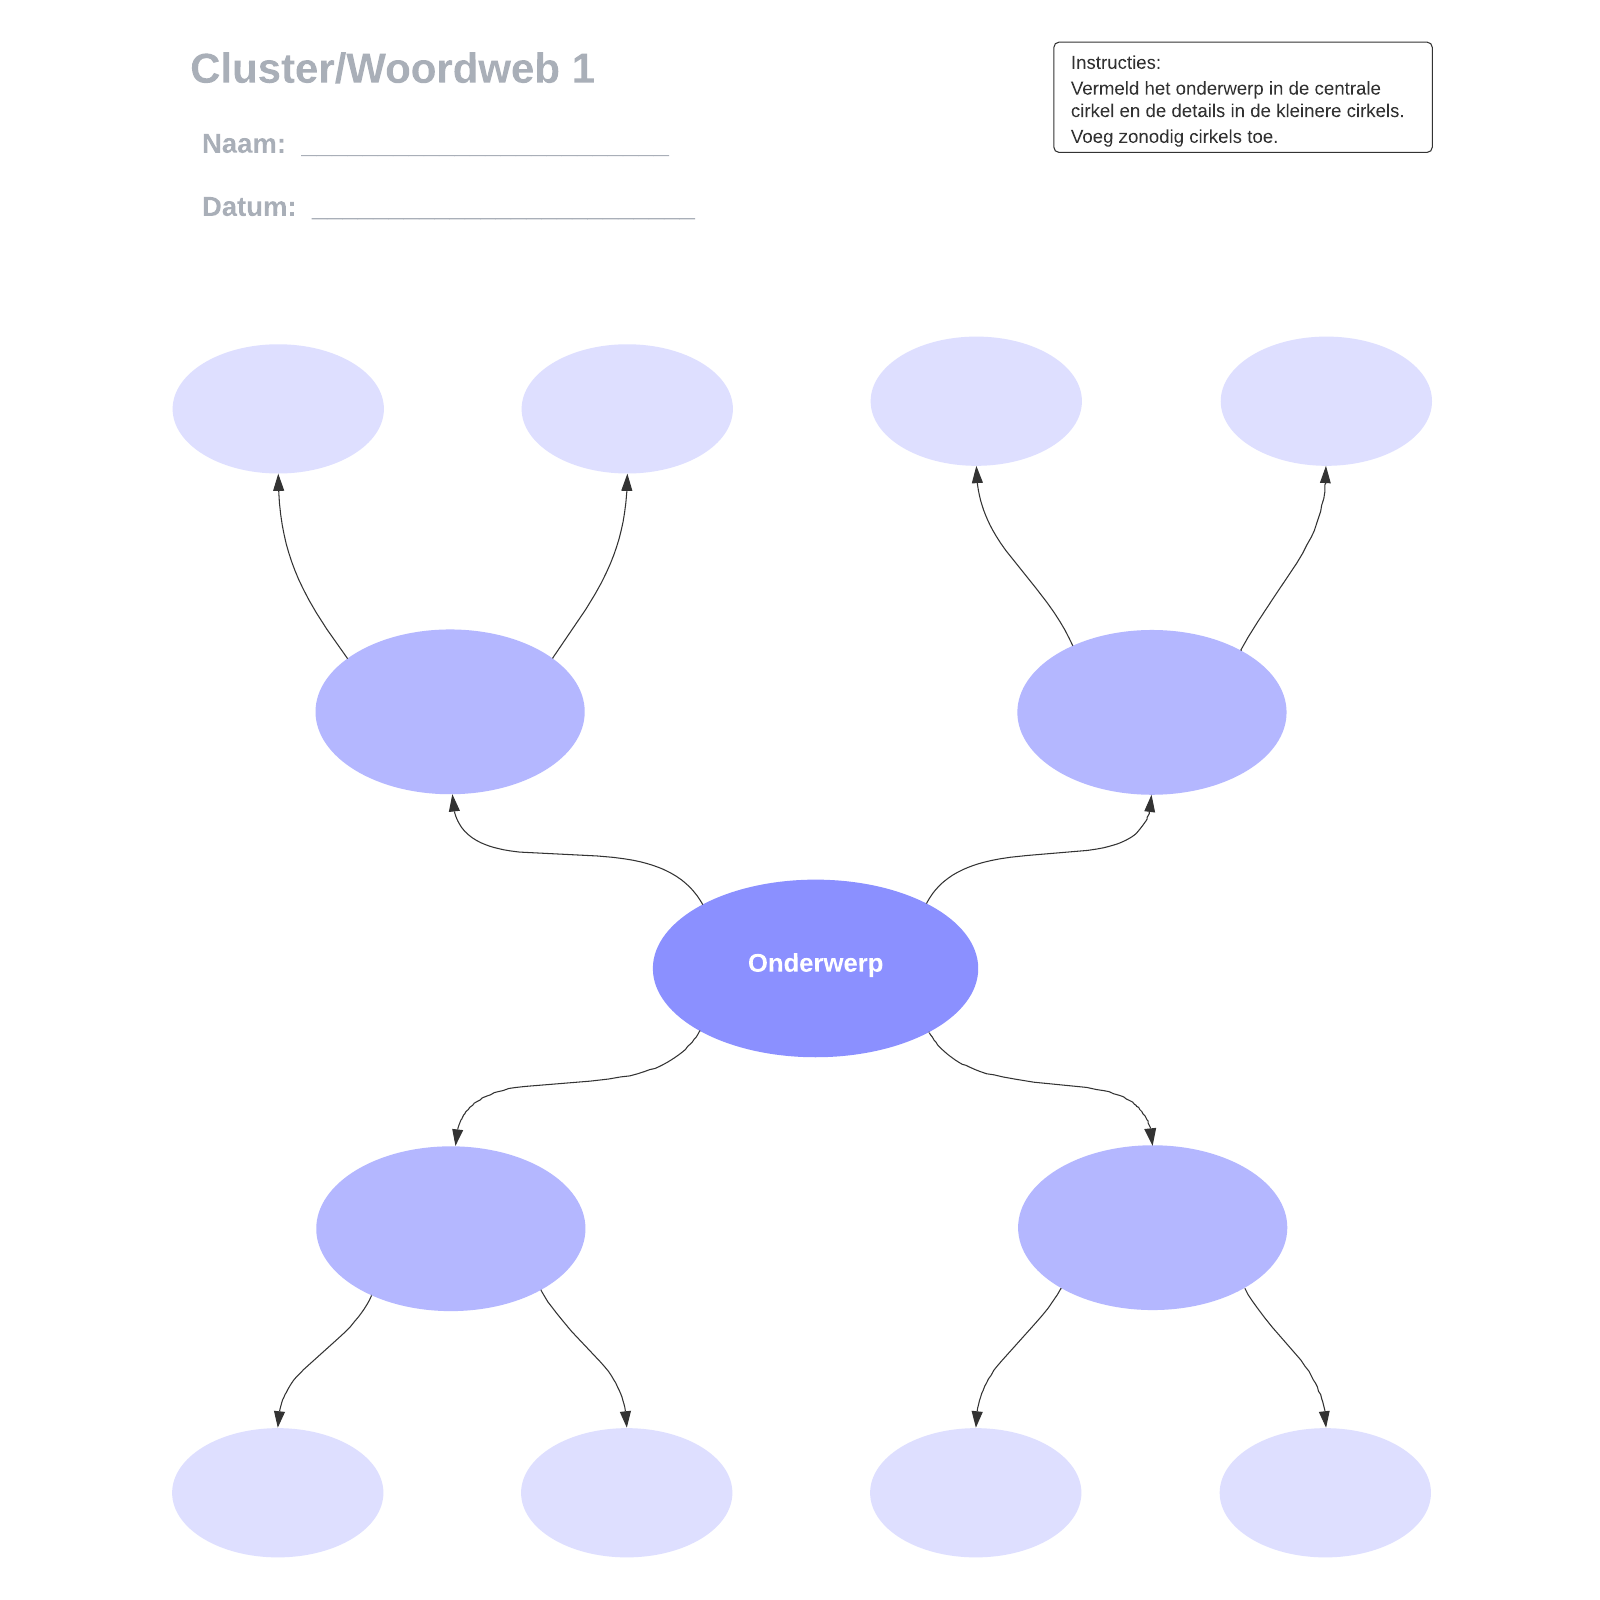 Cluster/Woordweb 1